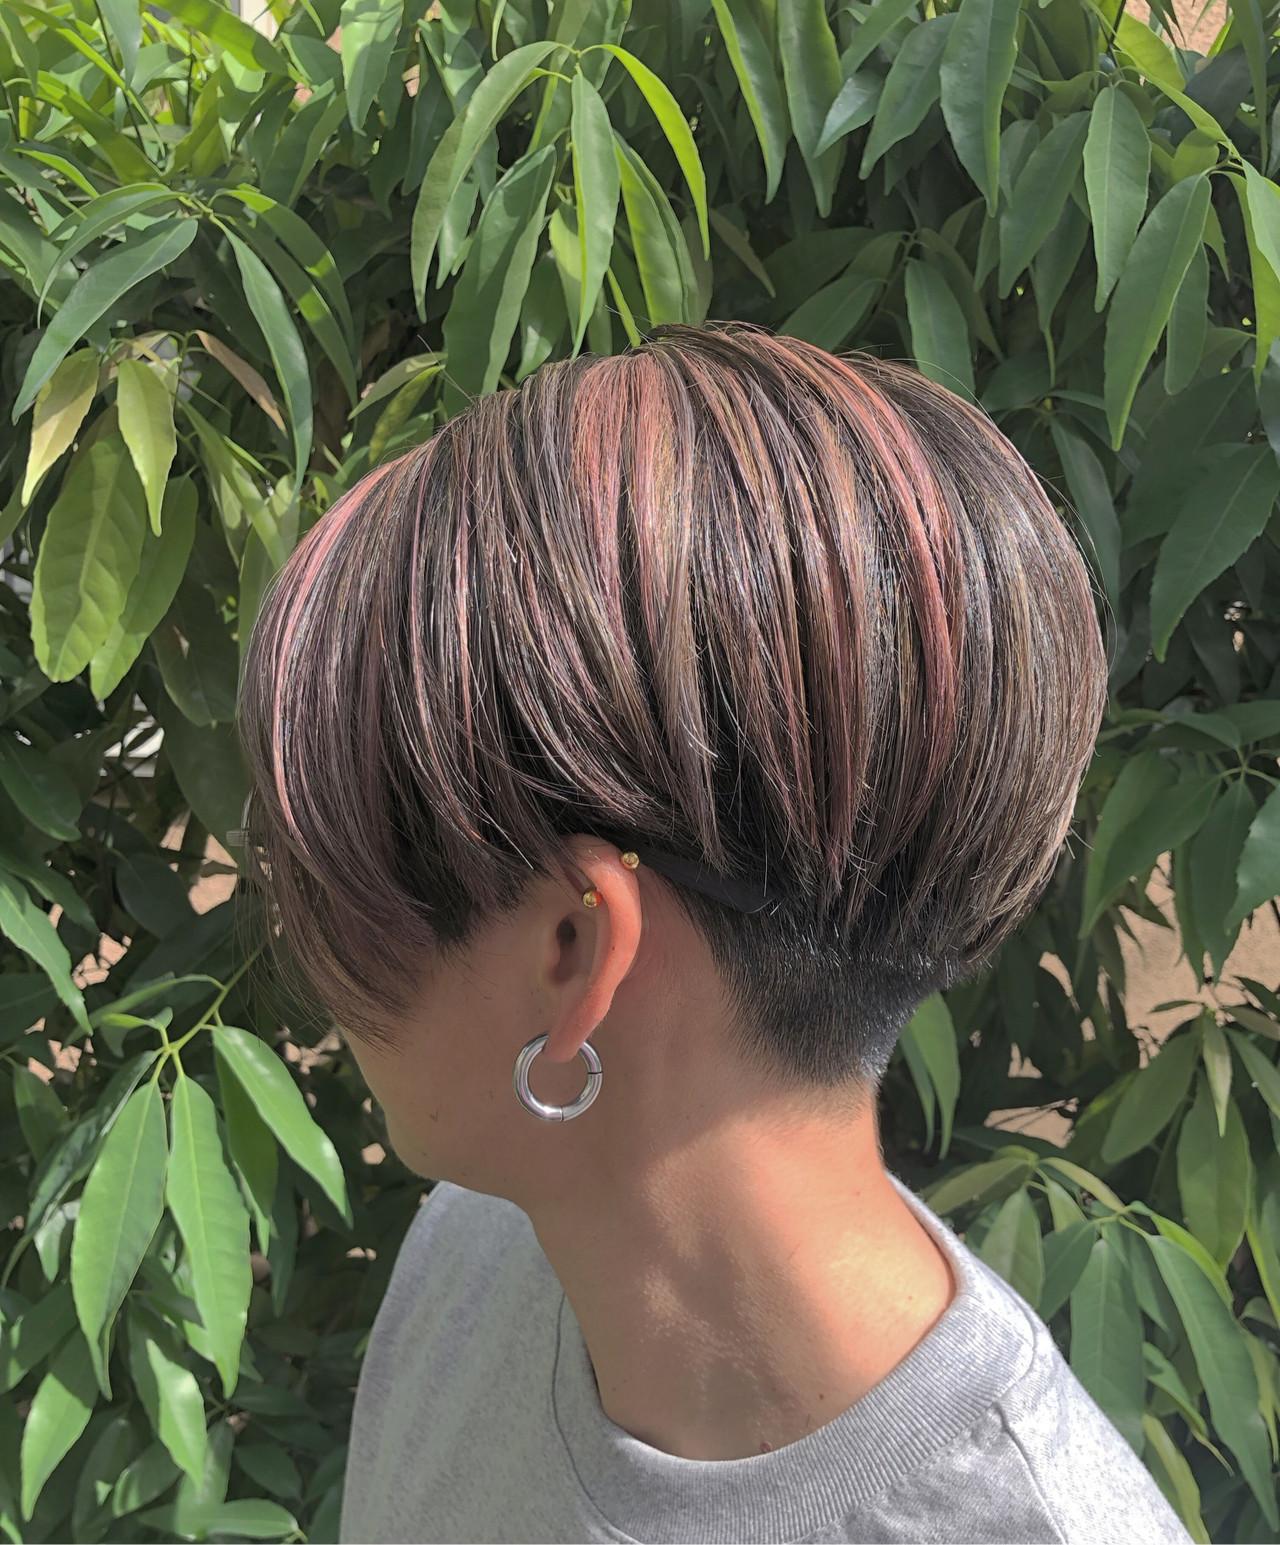 グラデーションカラー ハイライト ナチュラル ショート ヘアスタイルや髪型の写真・画像